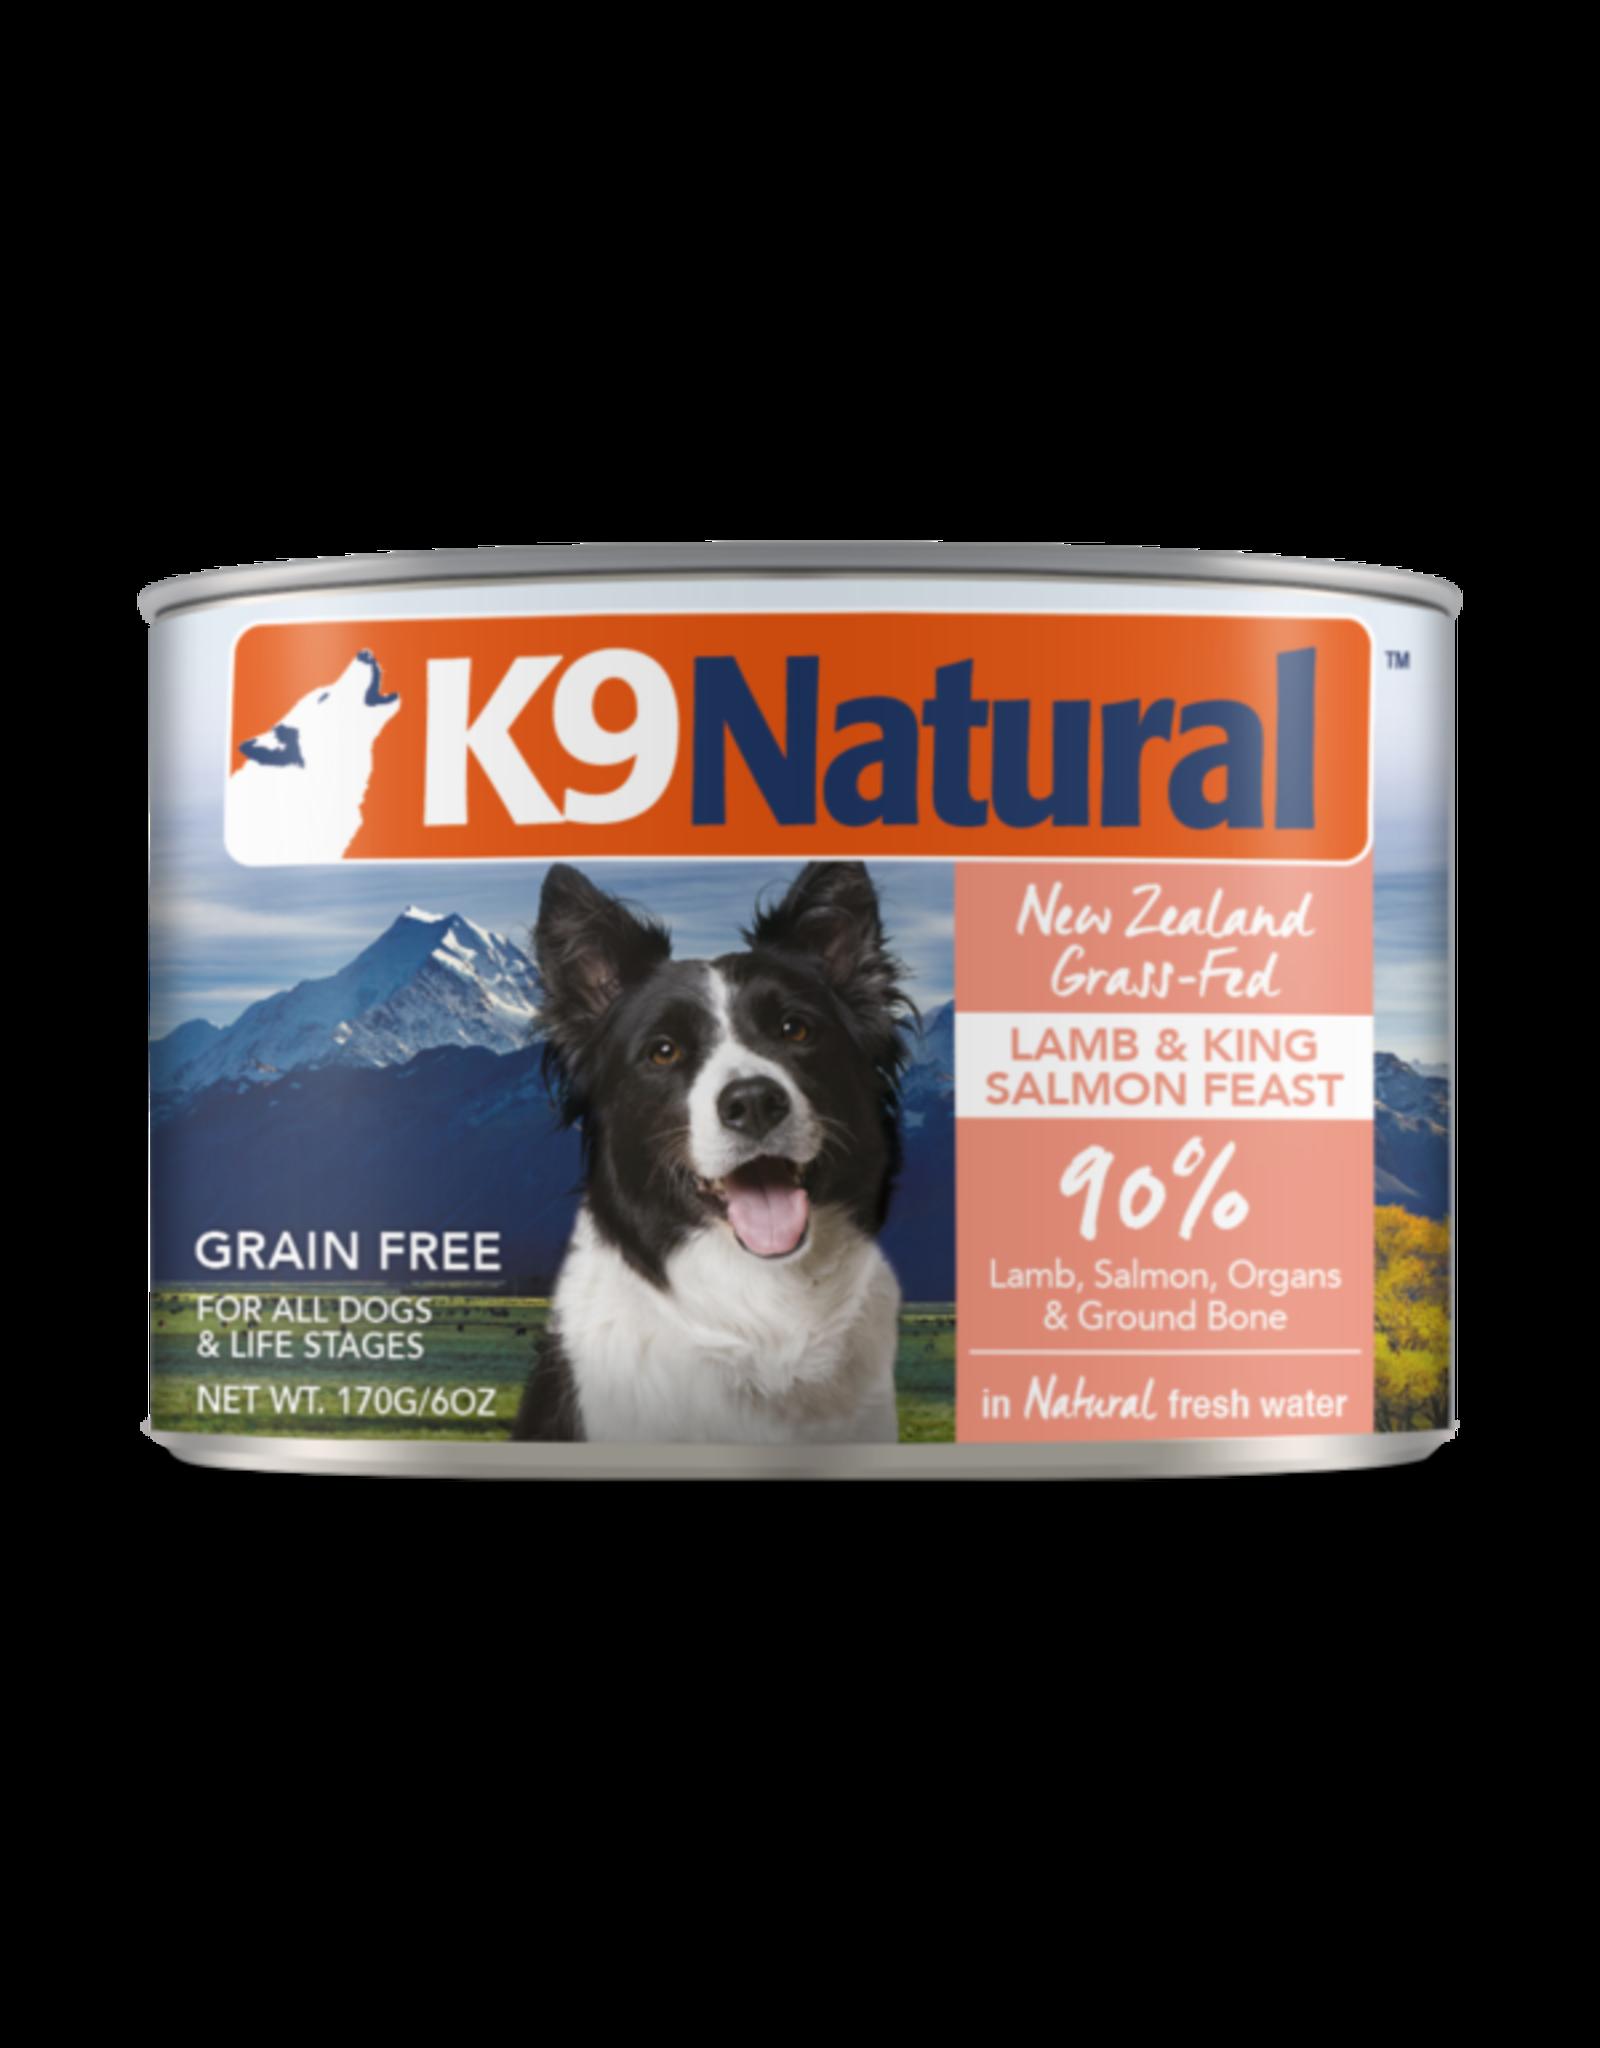 K9 Natural K9 Natural Lamb & King Salmon Feast Dog Food 6oz